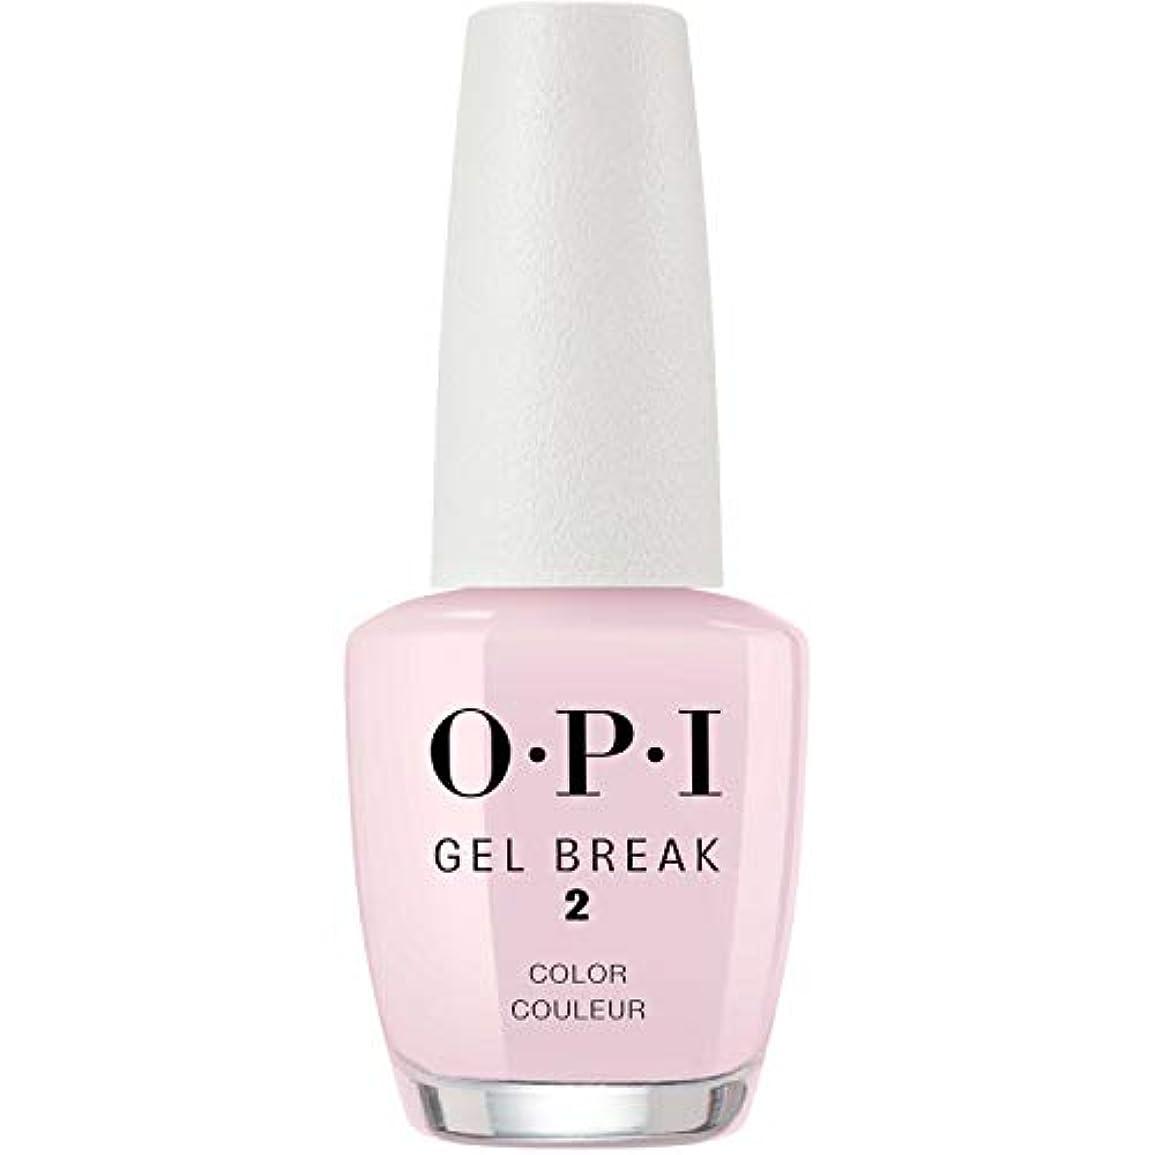 中絶ラベルリンクOPI(オーピーアイ) ジェルブレイク NTR03 プロパリー ピンク